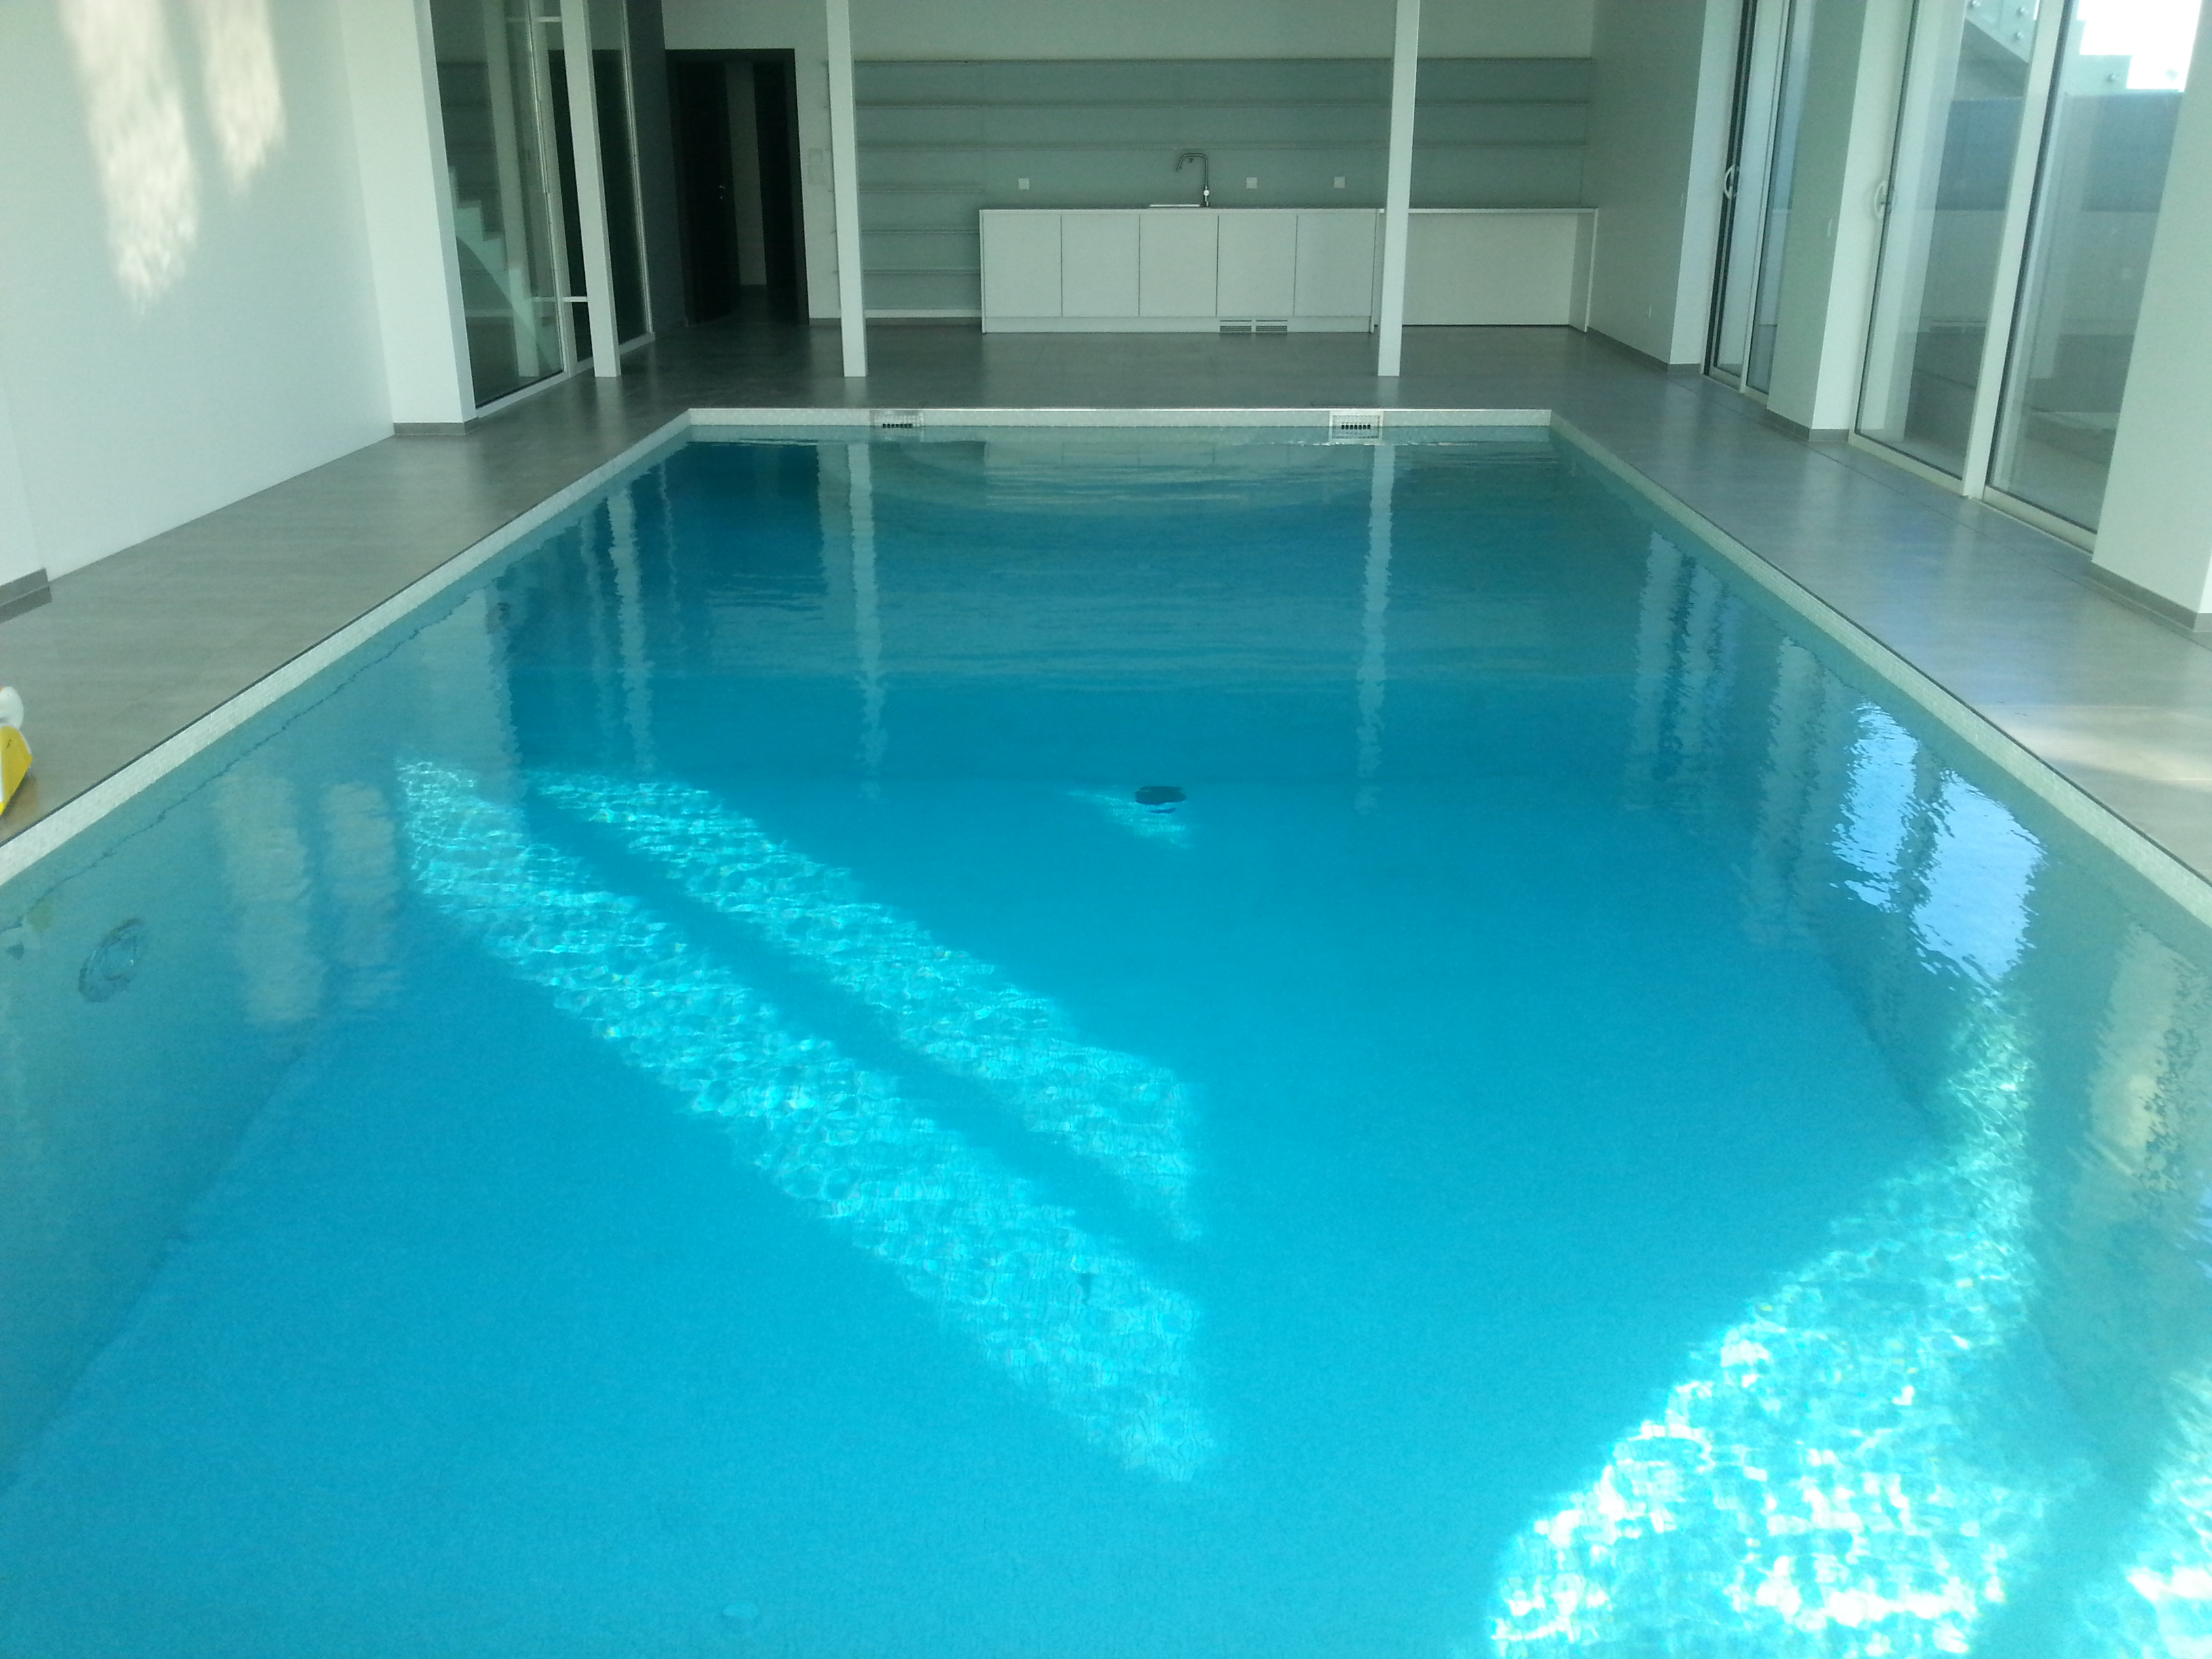 Piscines annecy alp piscine equipement piscine for Piscine du morel